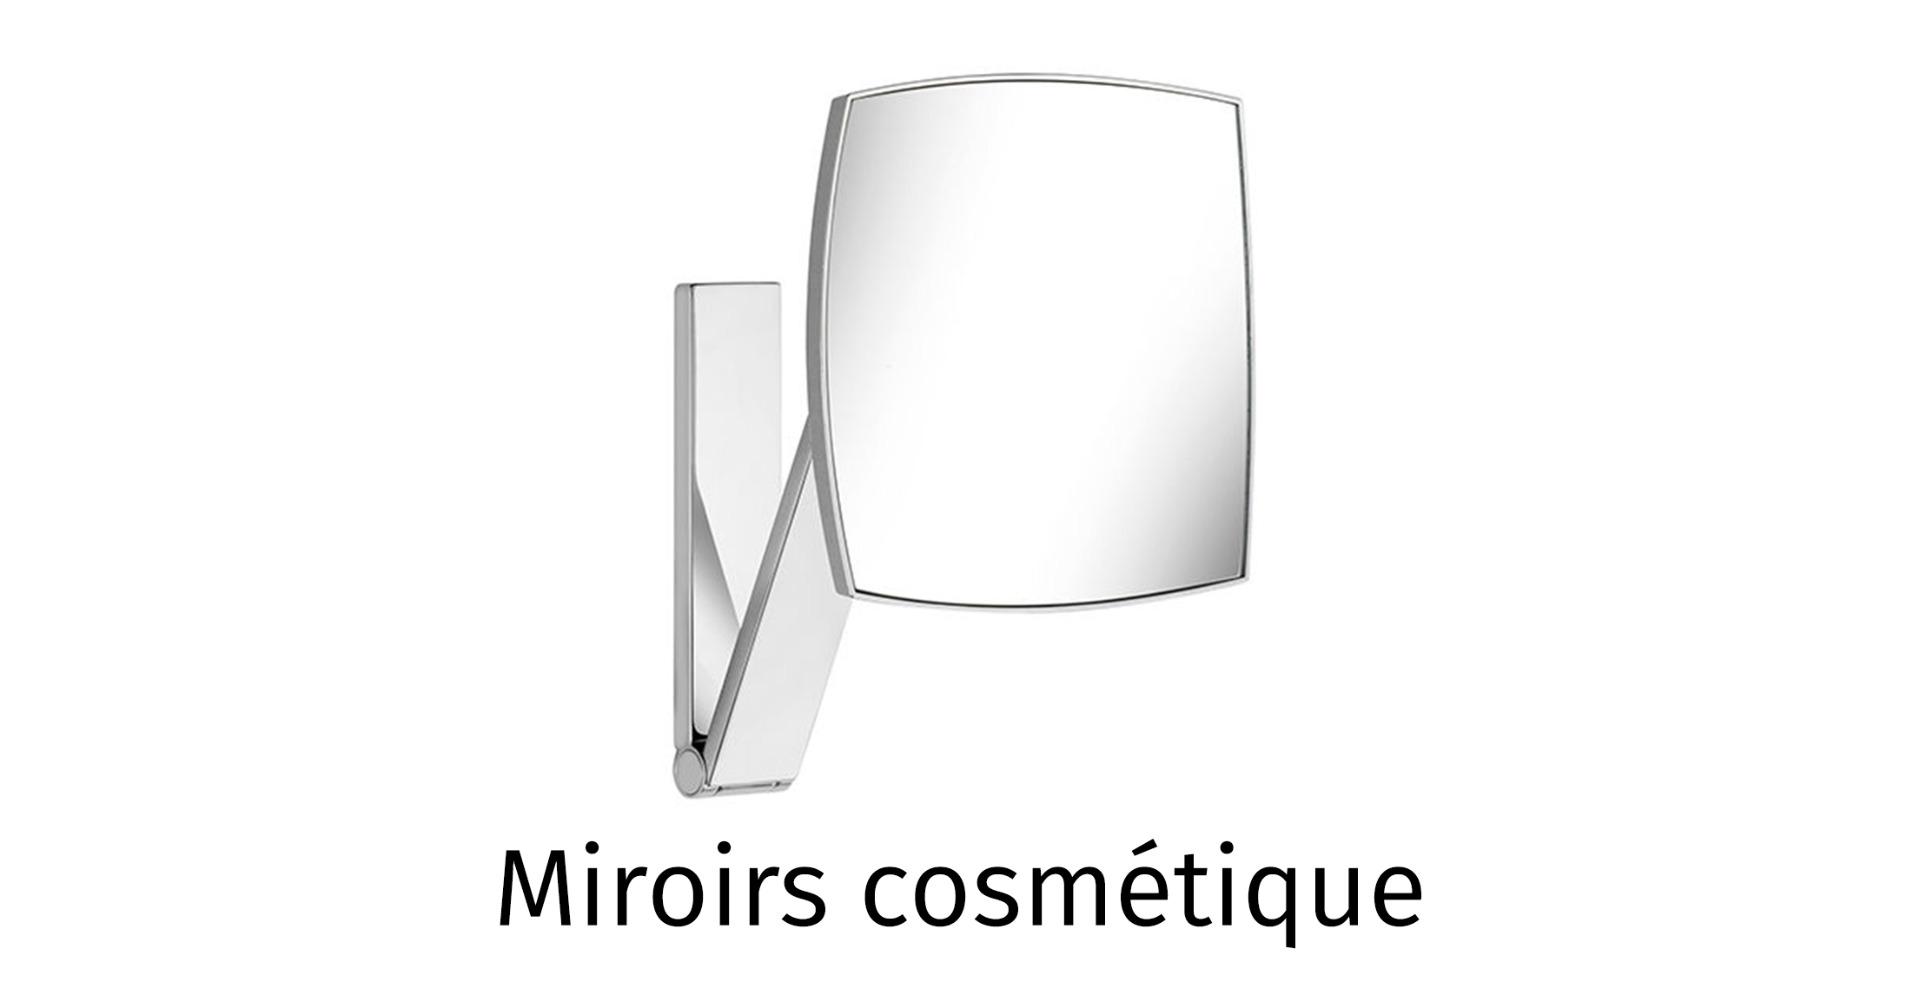 Miroirs cosmétique